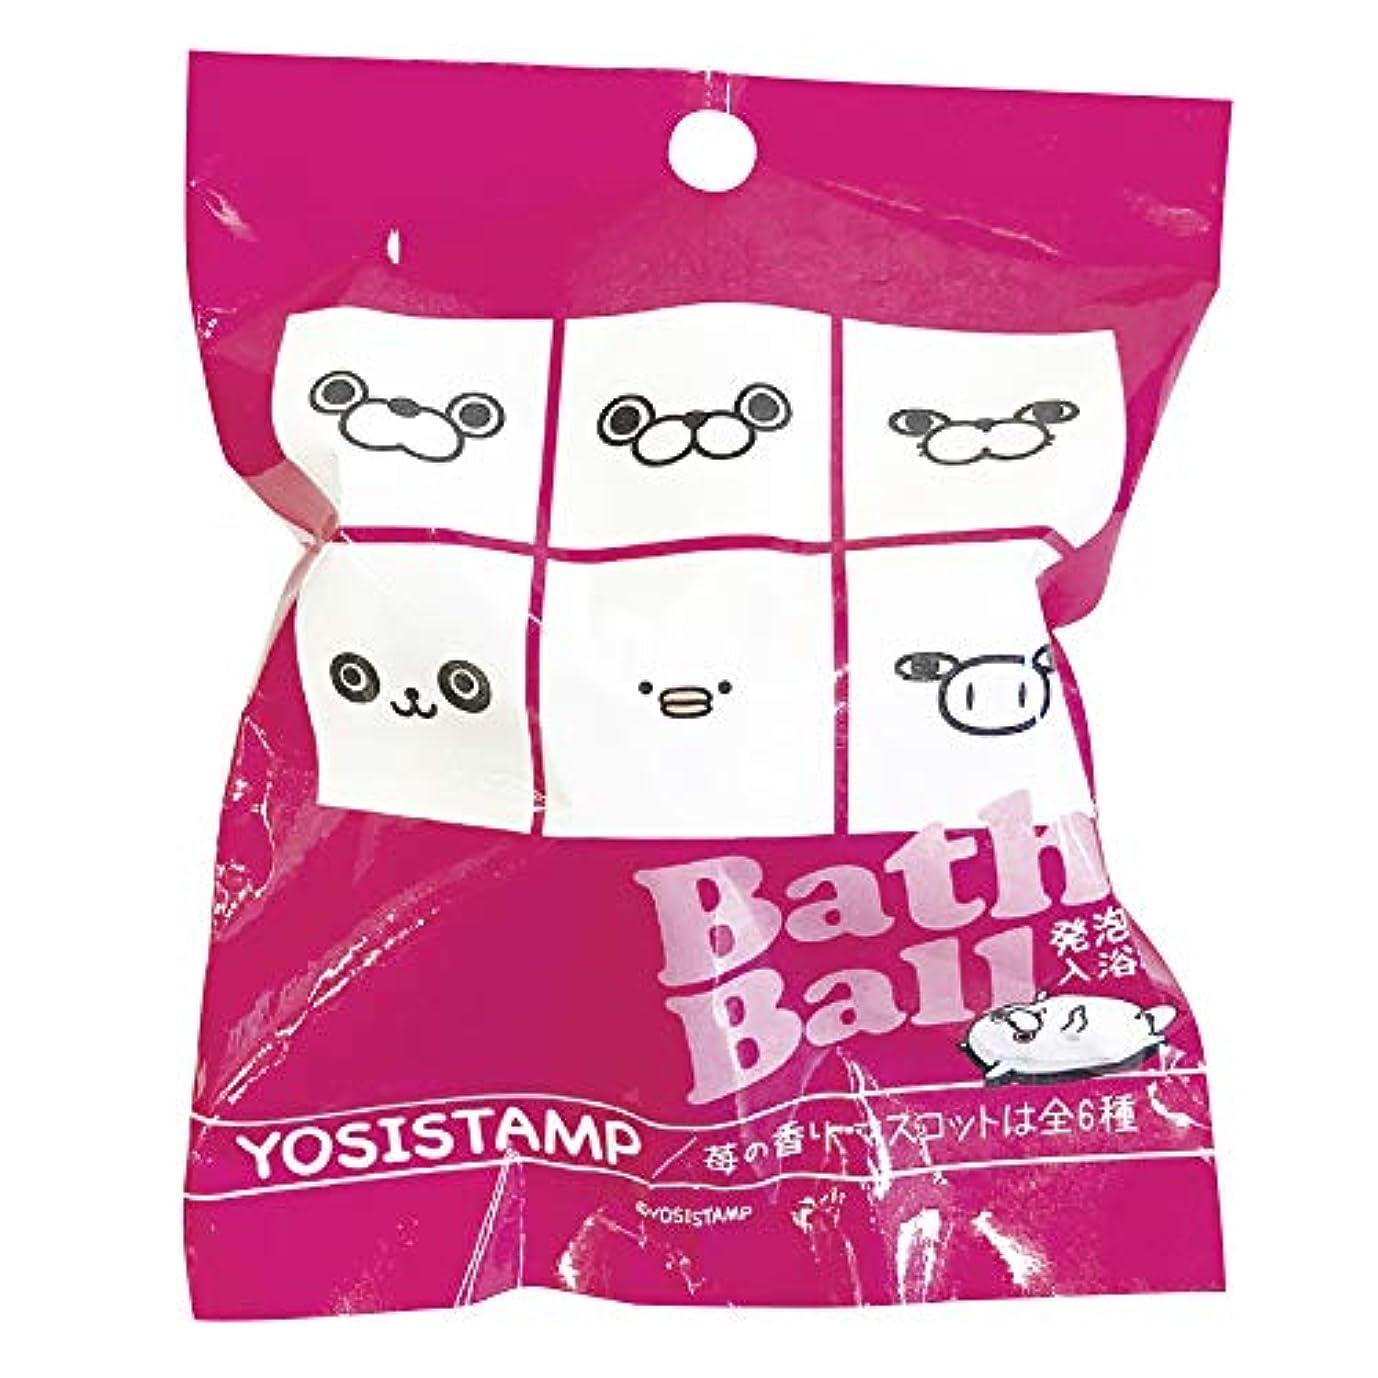 軽く即席ヒステリックヨッシースタンプ 入浴剤 バスボール おまけ付き イチゴの香り ABD-004-002